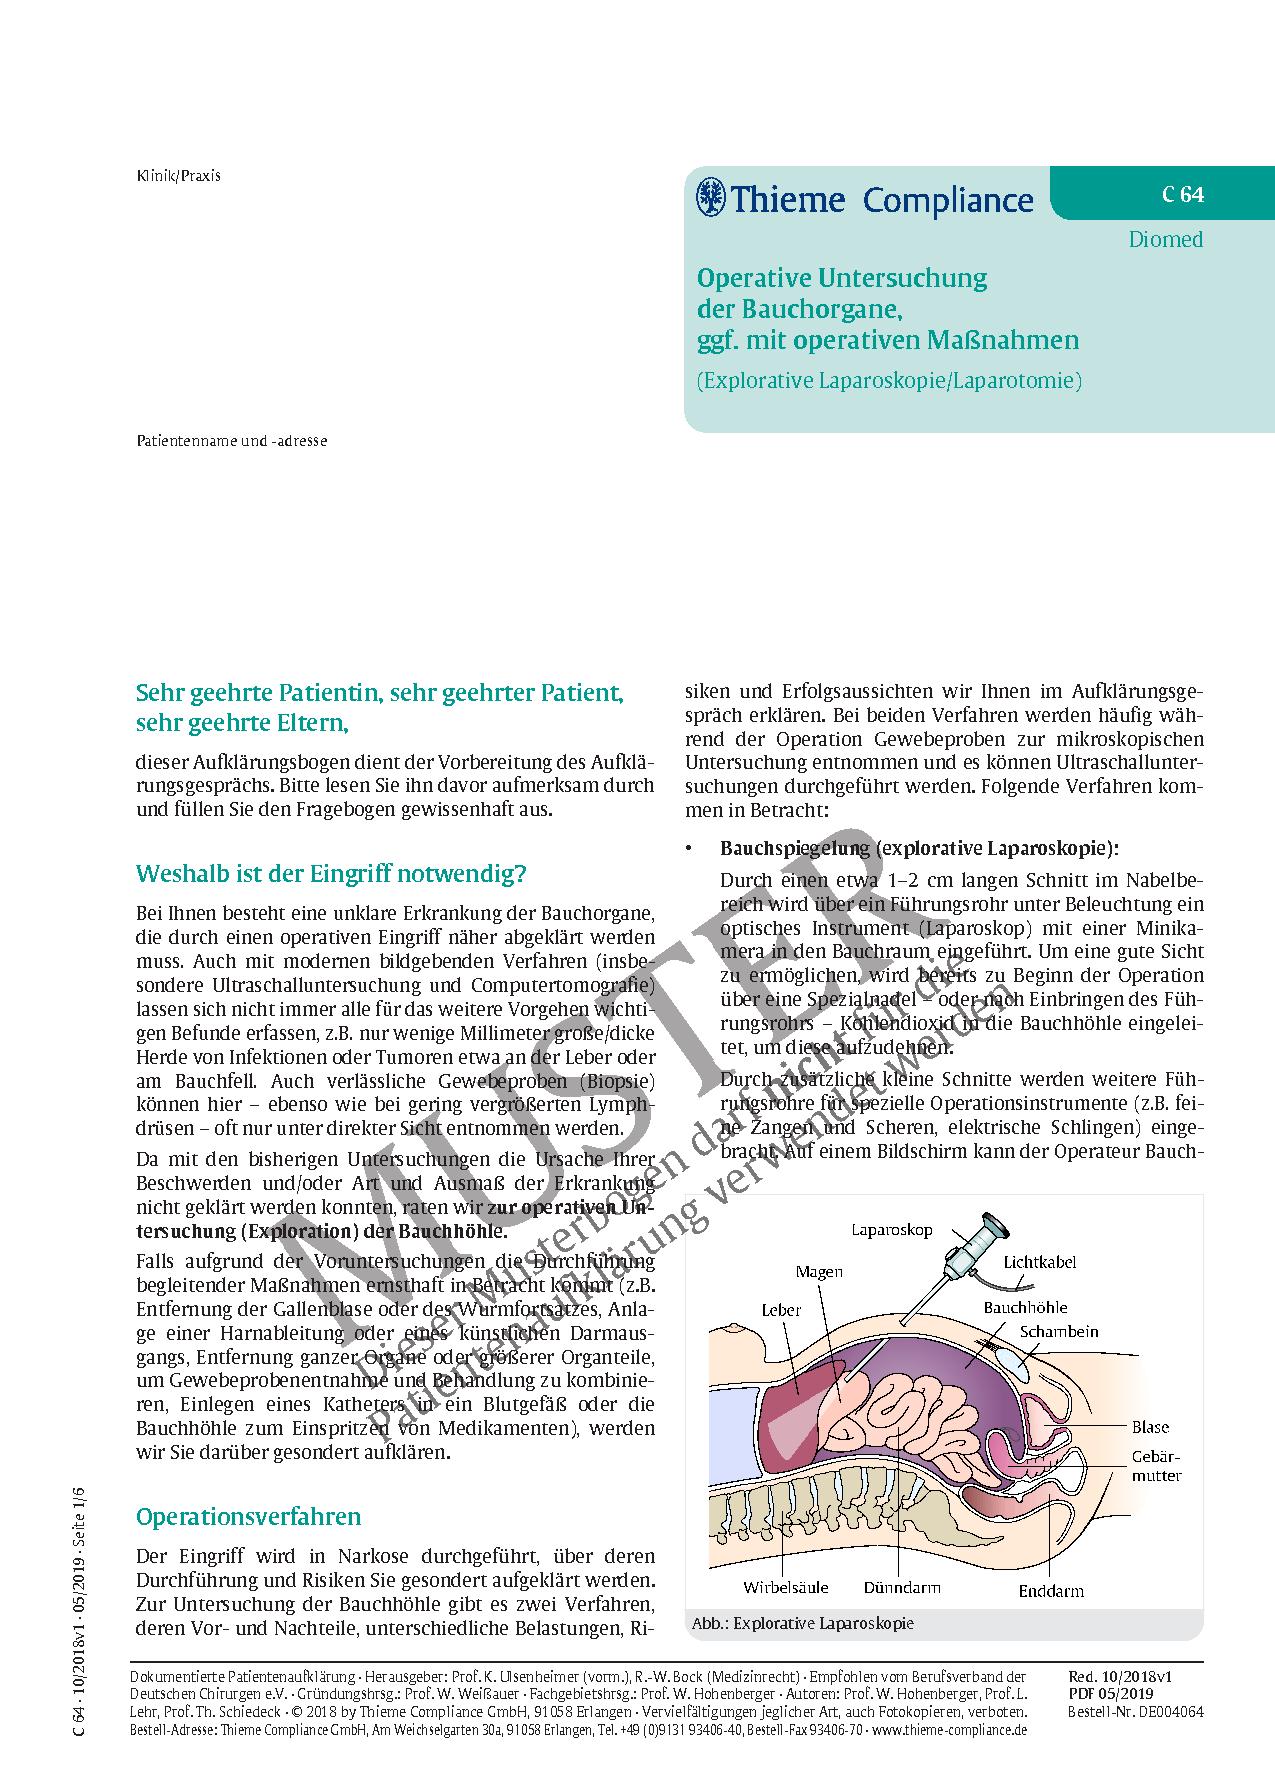 Erfreut Oberflächenanatomie Der Bauchorgane Bilder - Anatomie Ideen ...